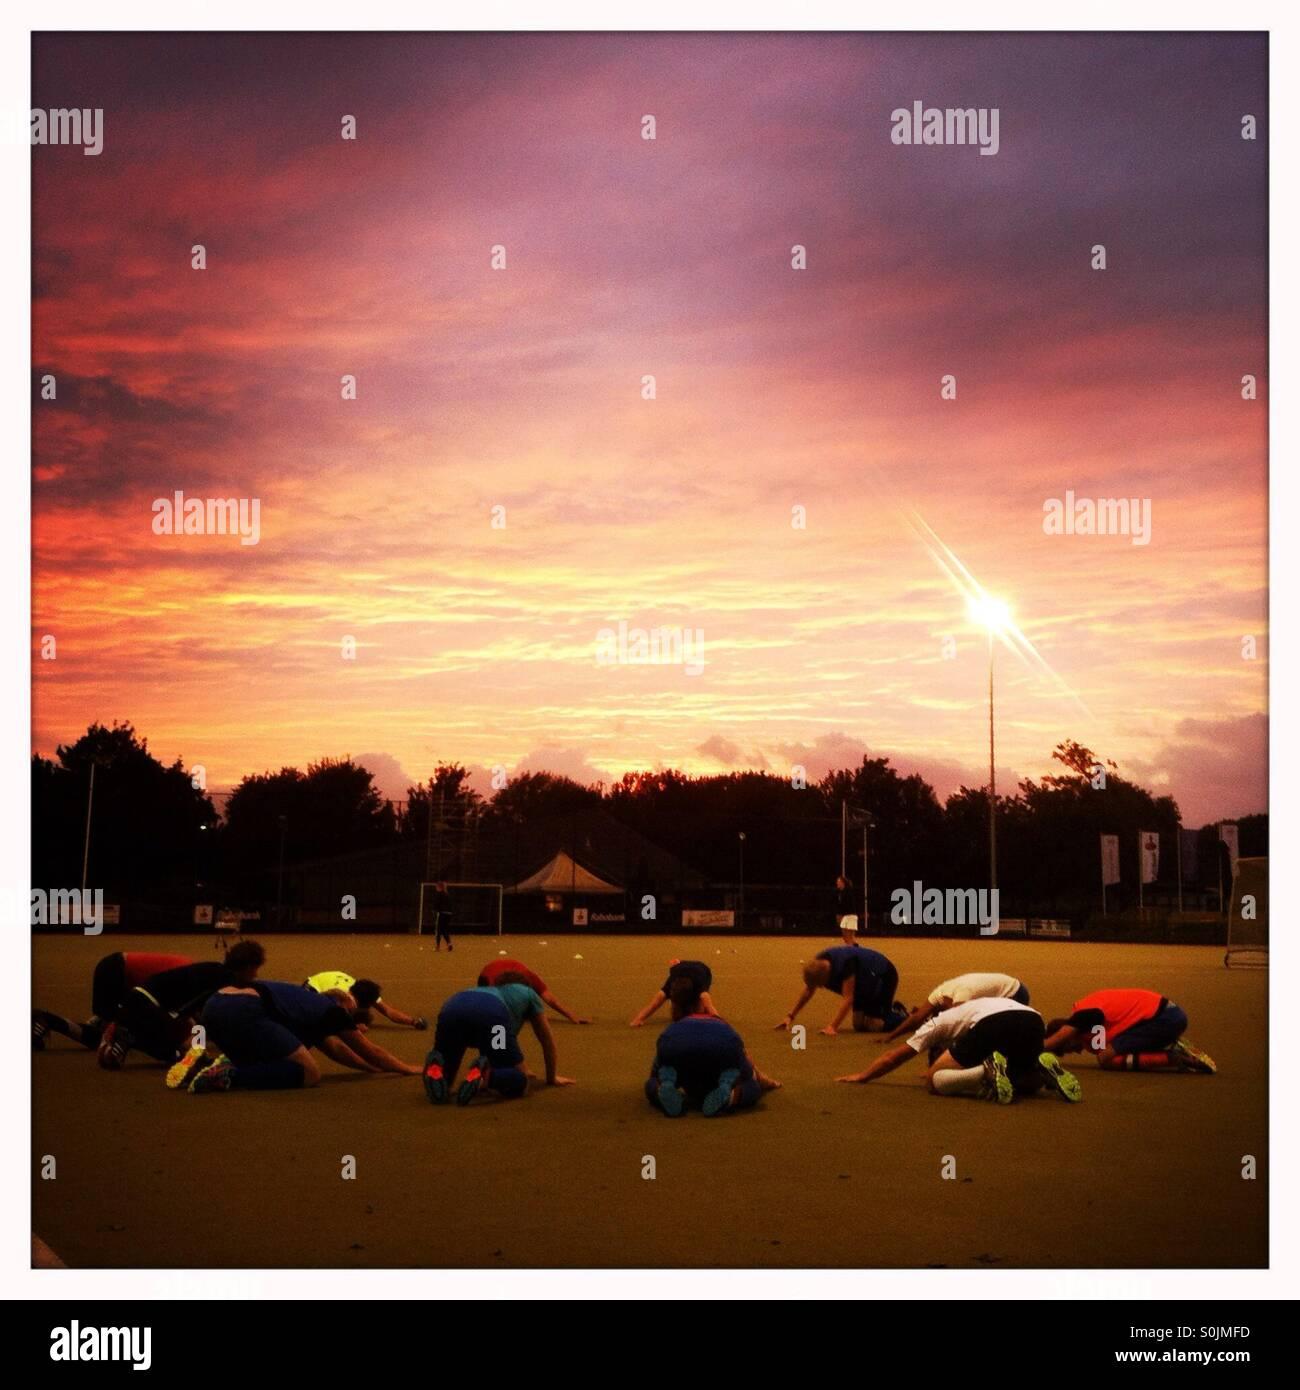 Ein Eishockeyteam Sport Aufwärmen Übung zusammen in einem Kreis mit einem dramatischen rot und lila Sonnenuntergang Stockbild